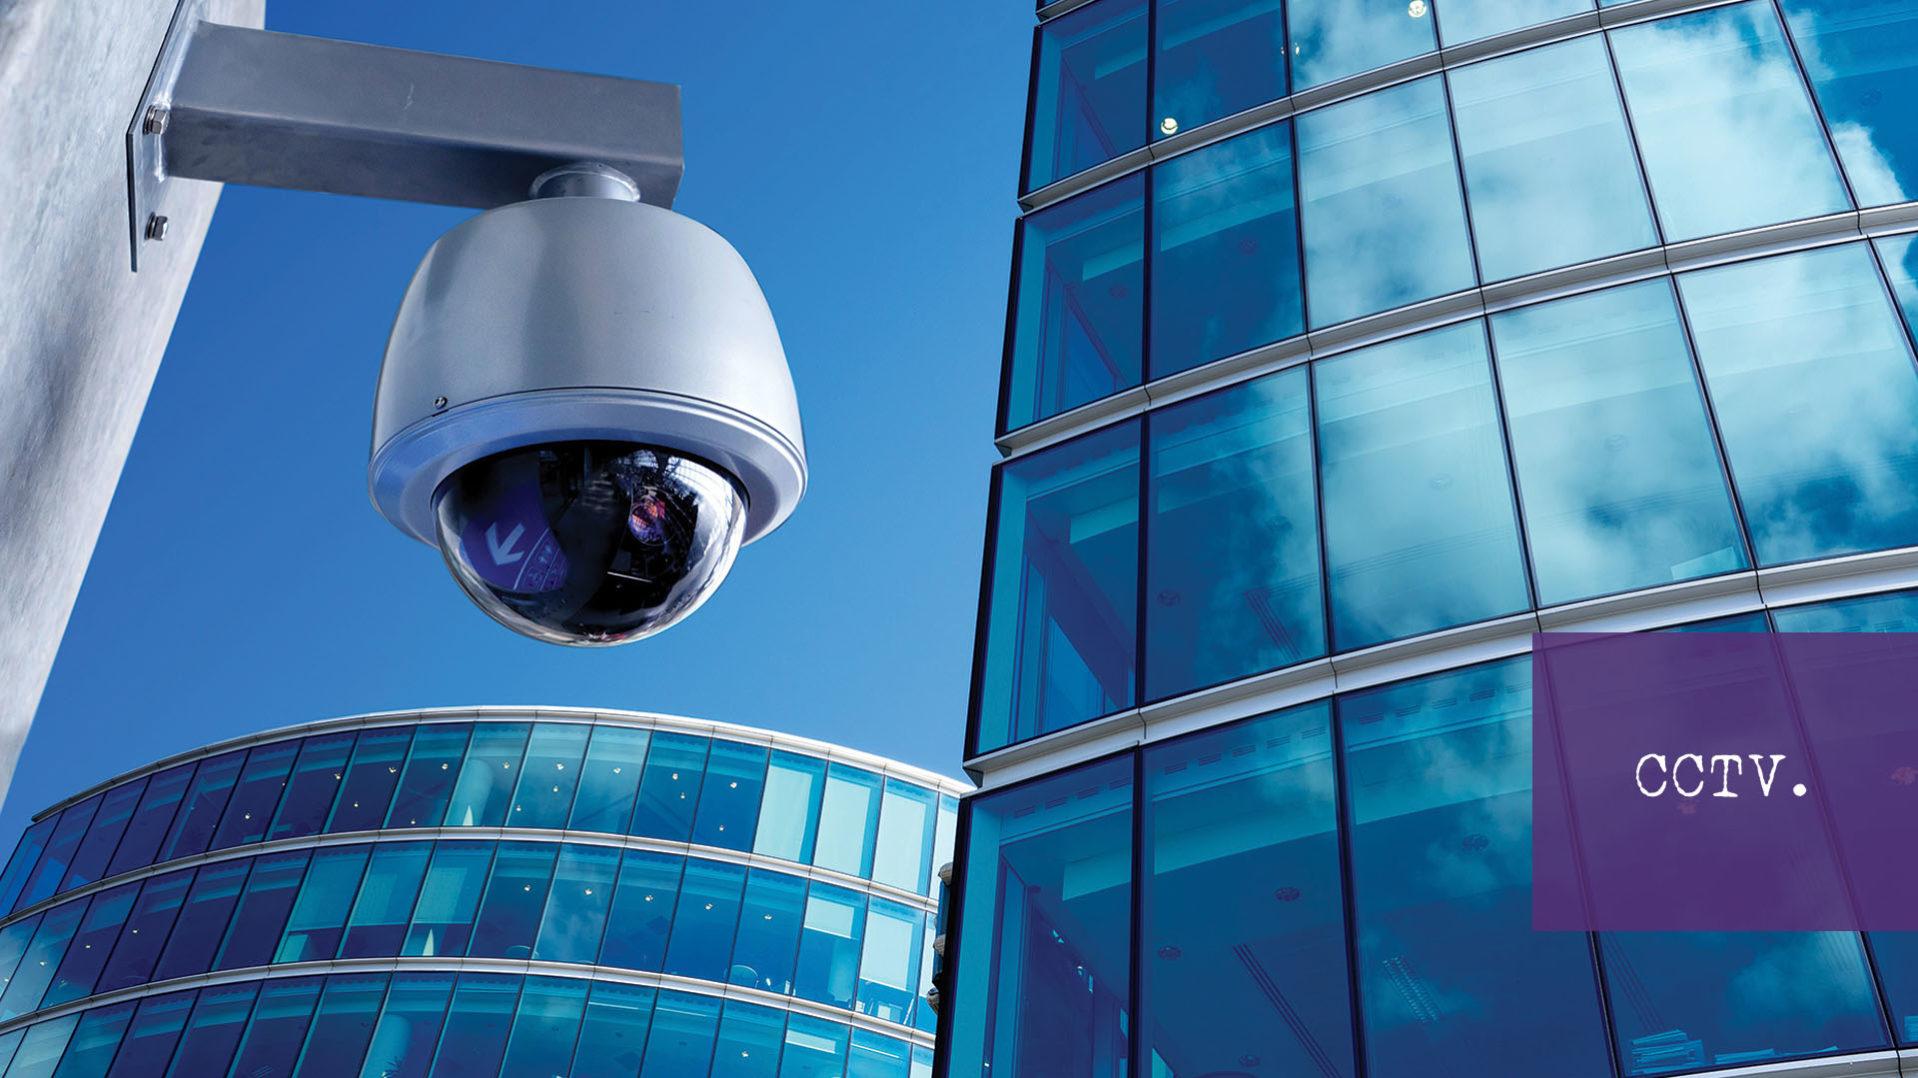 04_IFSEC-SLIDE-CCTV-01